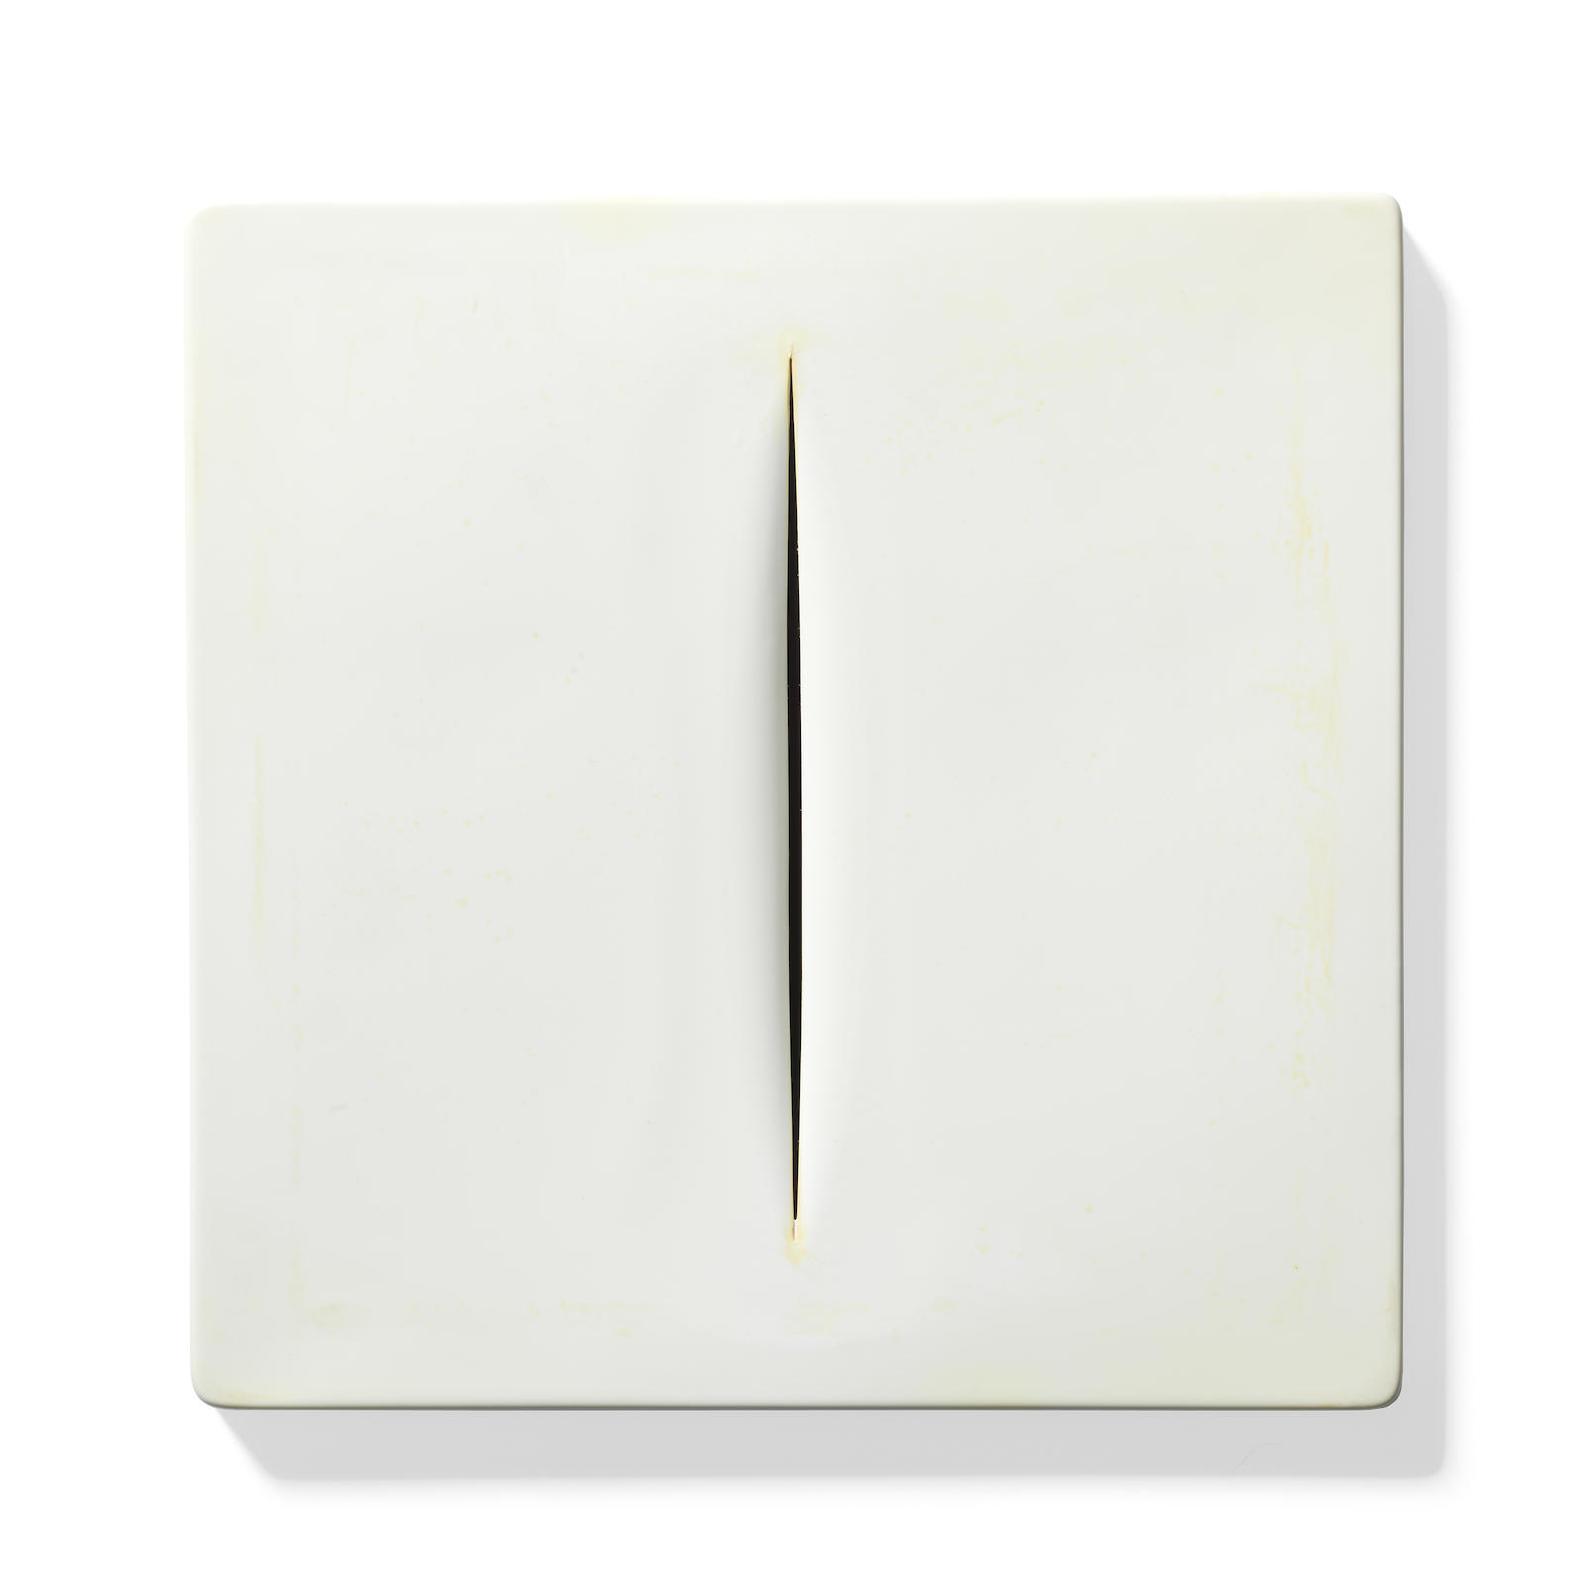 Lucio Fontana-After Lucio Fontana - Concetto Spaziale (White) (Ruhe & Rigo M-15)-1968